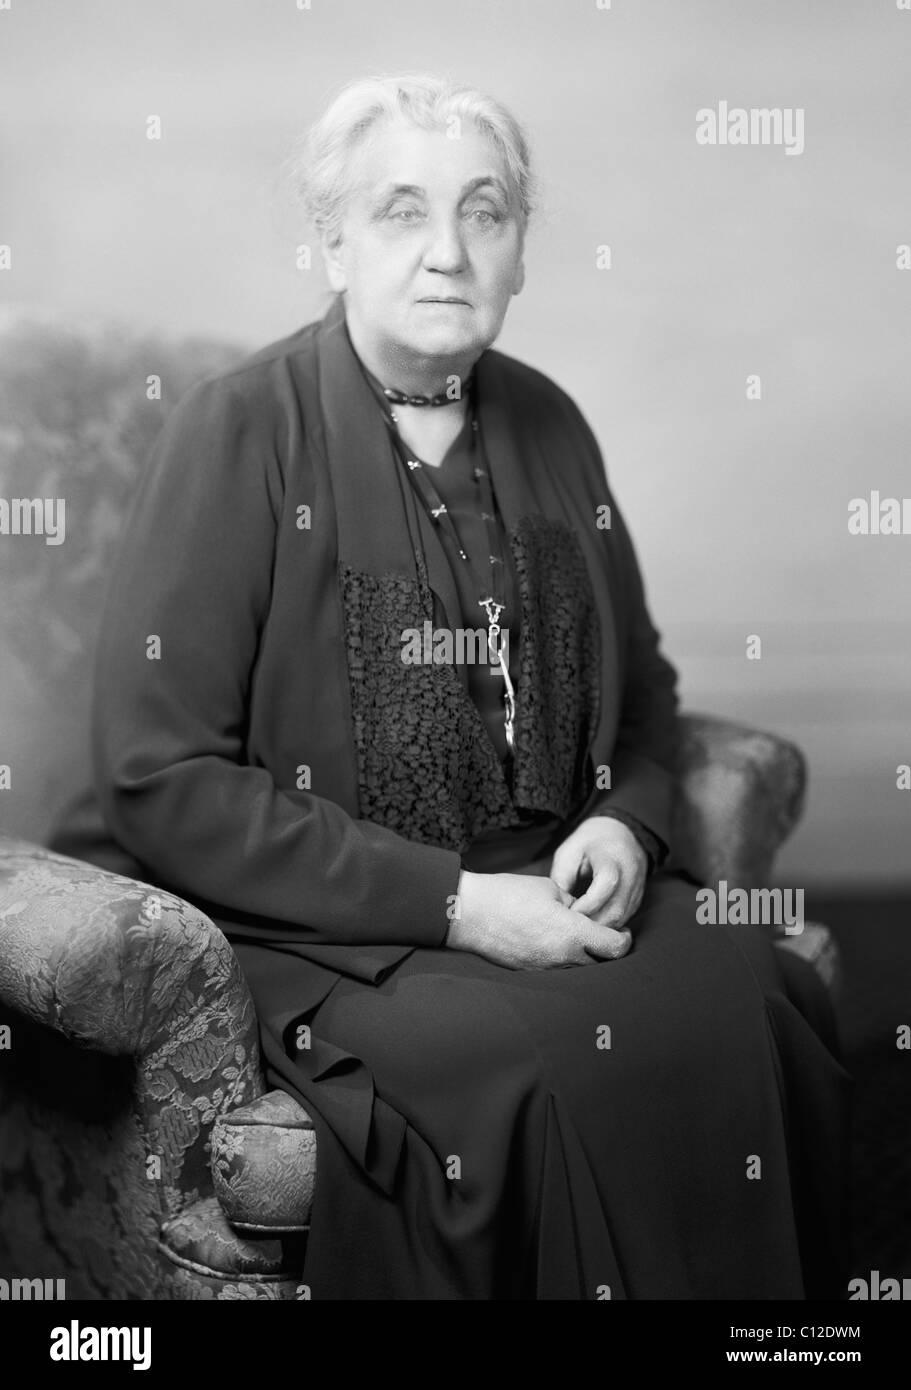 Amerikanischen Sozialreformer, Aktivist und Pazifist Jane Addams (1860-1935) - Co-Gewinner des Friedensnobelpreises Stockbild